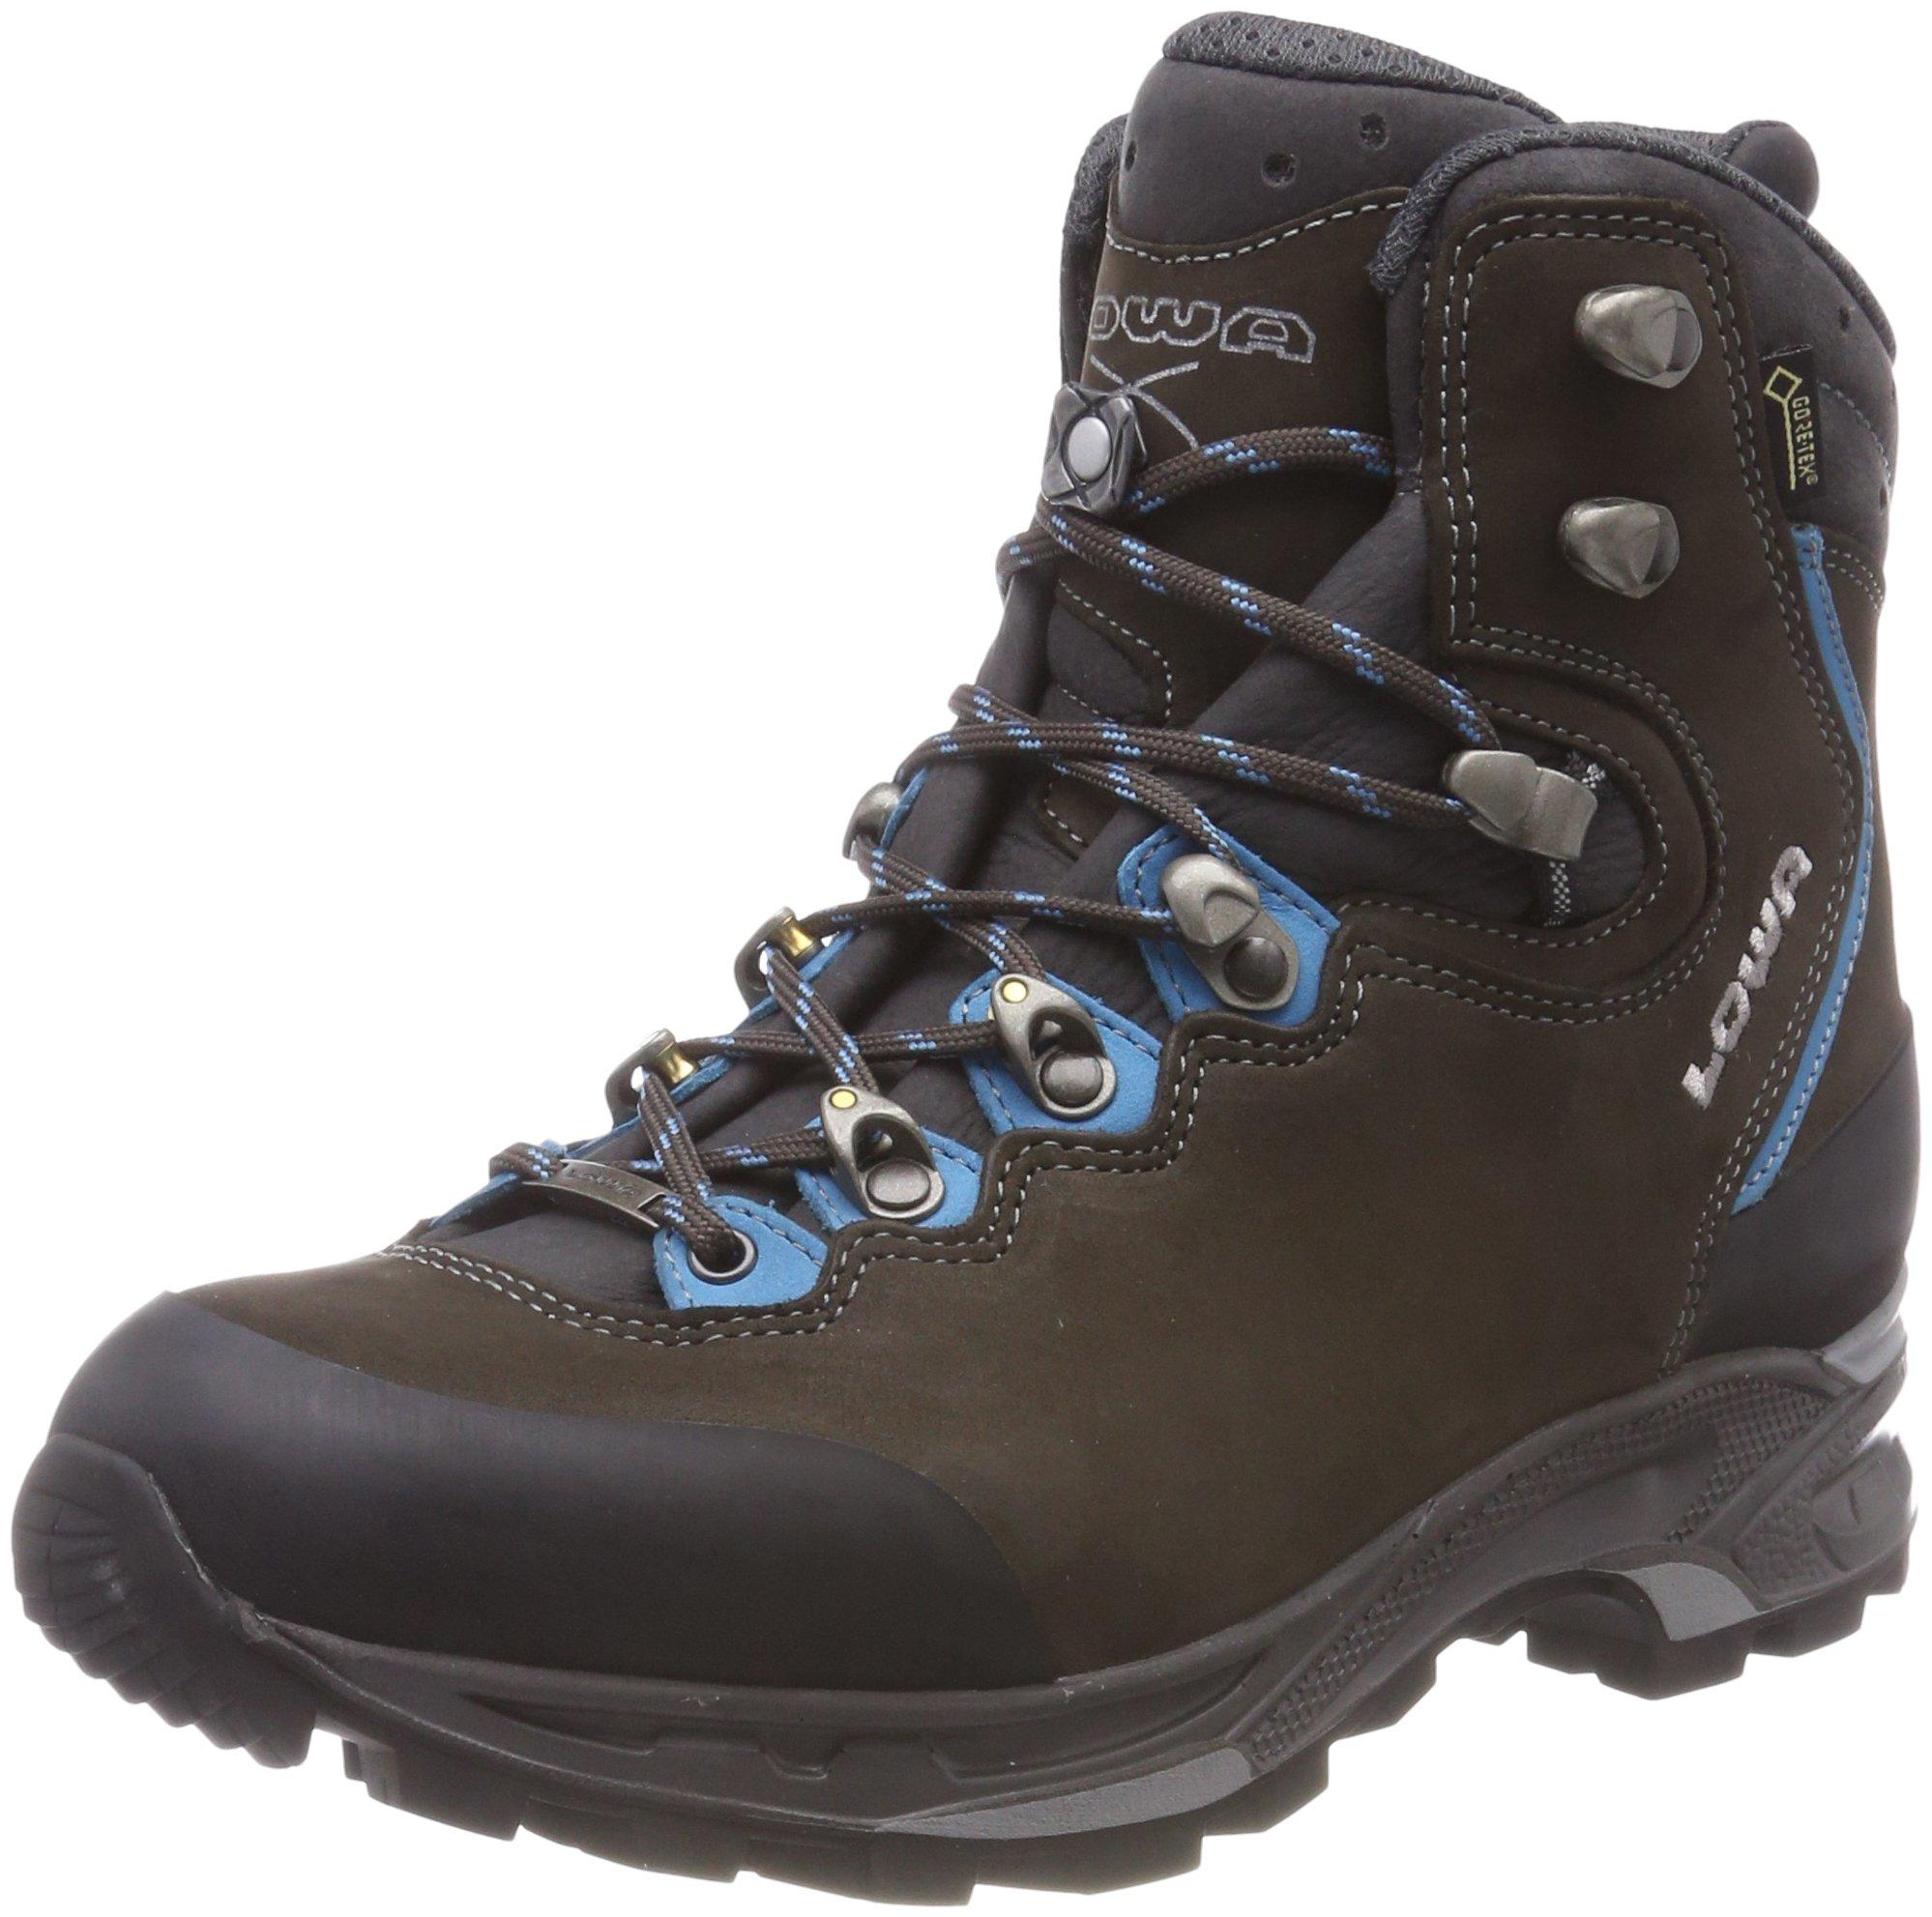 81misgIumgL - Lowa Women's Mauria GTX Ws High Rise Hiking Boots